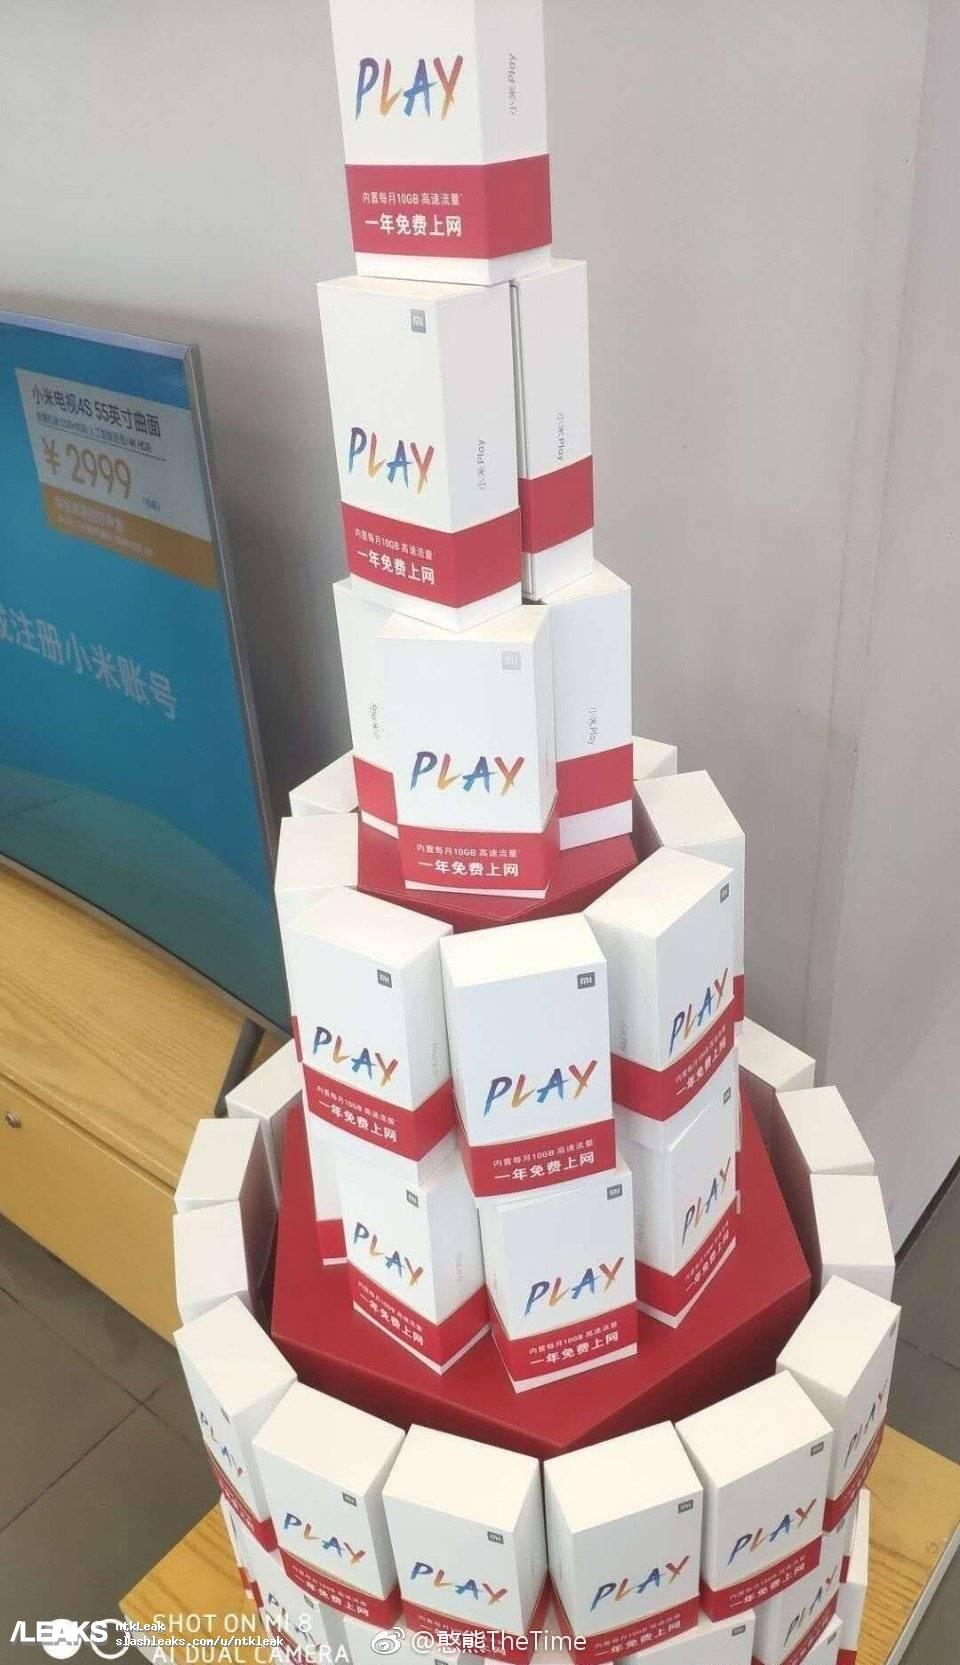 img Xiaomi Mi Play caixas de fuga de informação